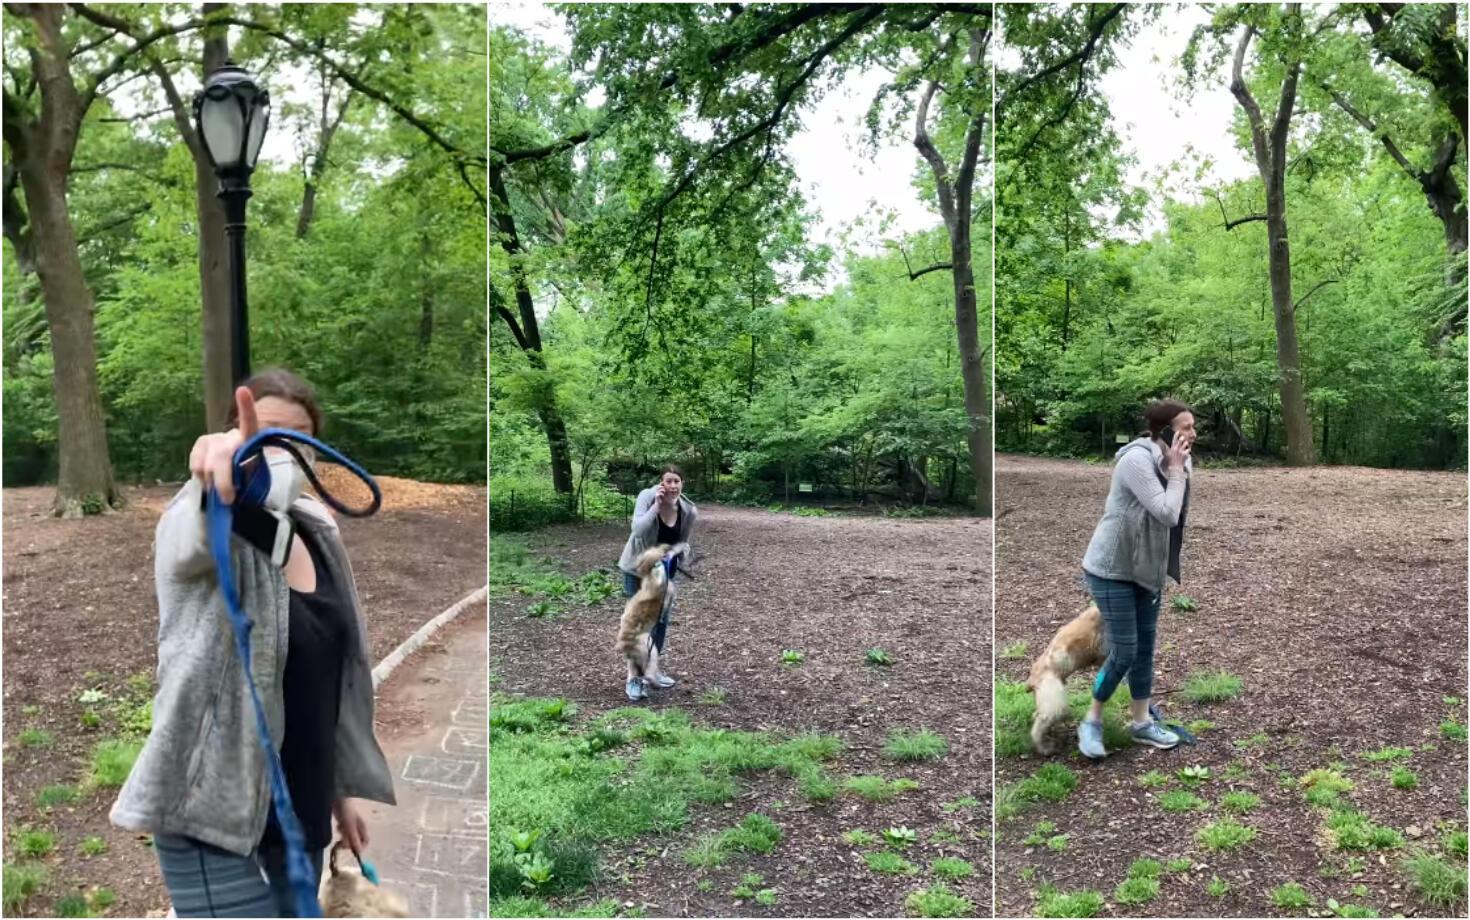 """""""أنا في حديقة سنترال بارك، رجل من أصل أفريقي يهدد حياتي وحياة كلبي"""" هكذا صاحت المرأة في الهاتف قبل أن تسترجع صوتها العادي بعد المكالمة. صورة شاشة من الفيديو الذي نشره كريستيان كوبر."""